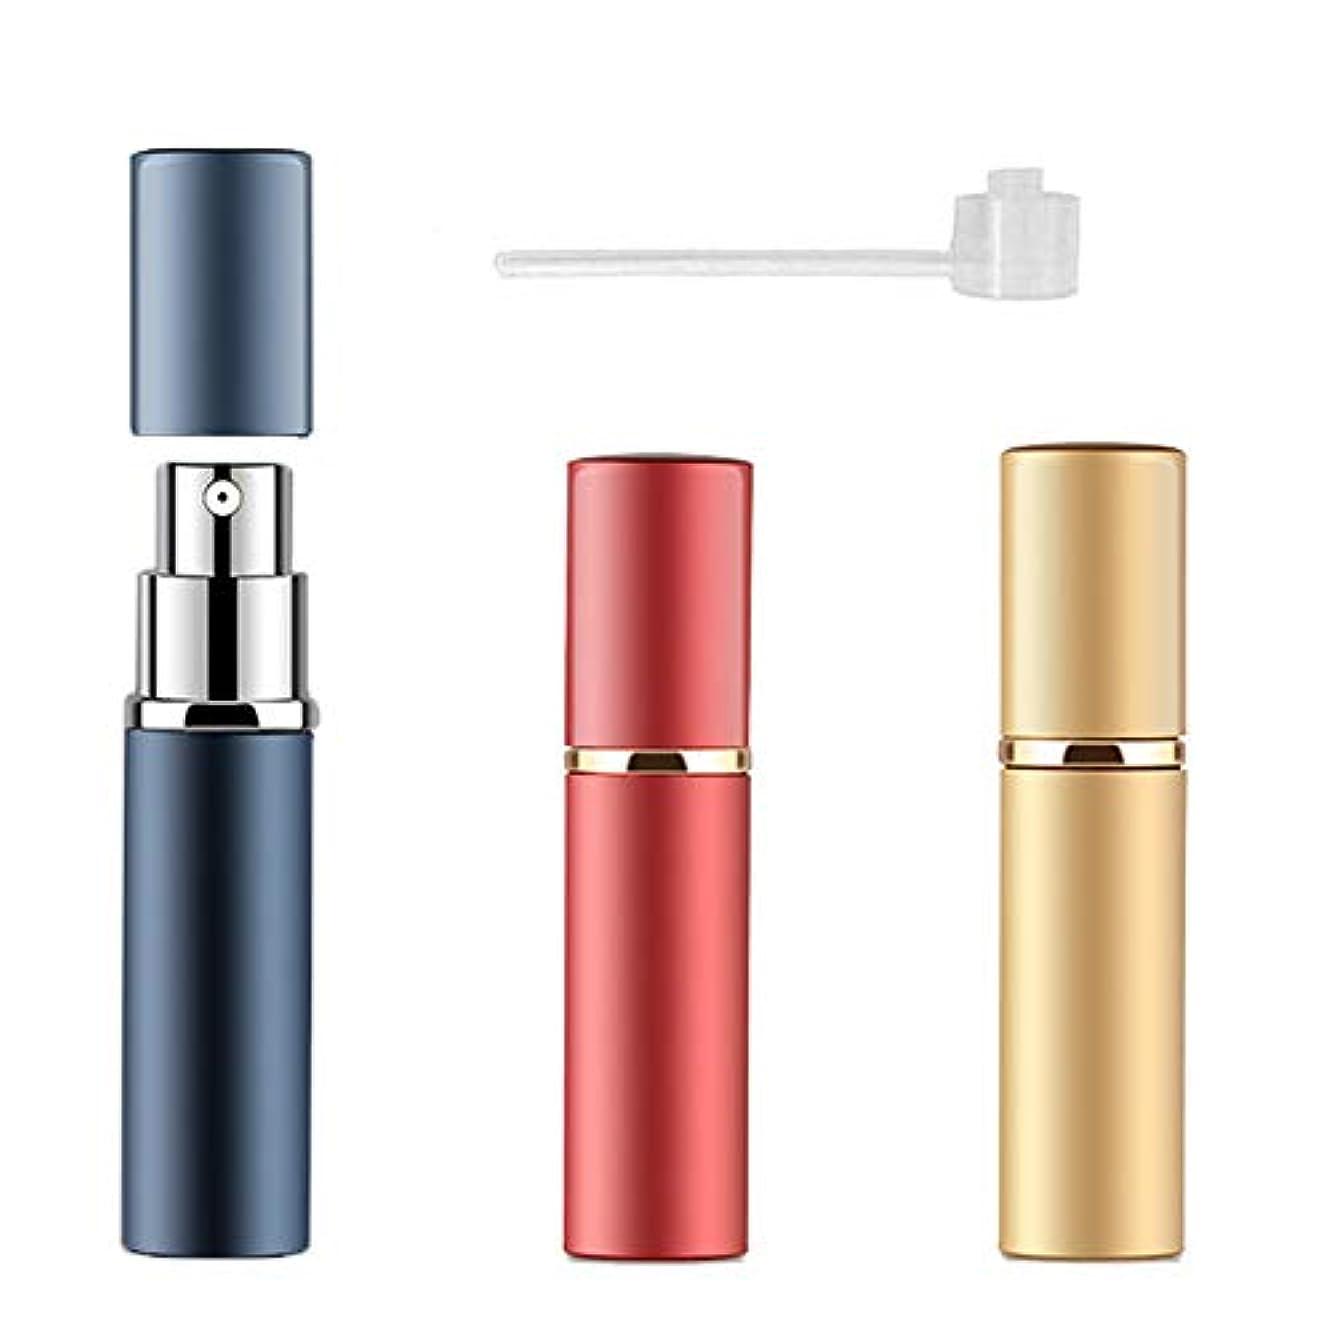 つづり排除塗抹アトマイザ 香水 詰め替え容器 スプレーボトル 小分けボトル トラベルボトル 旅行携帯便利 (3色セット)